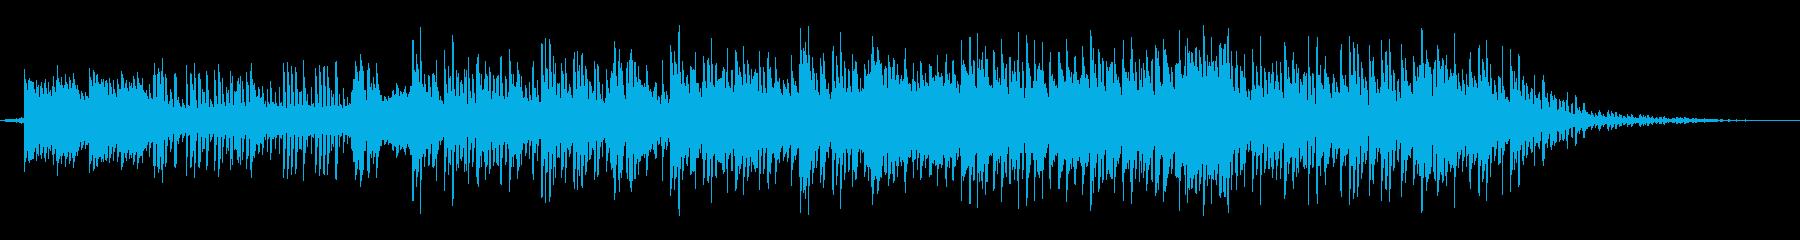 かわいらしく不気味なハロウィン 別verの再生済みの波形